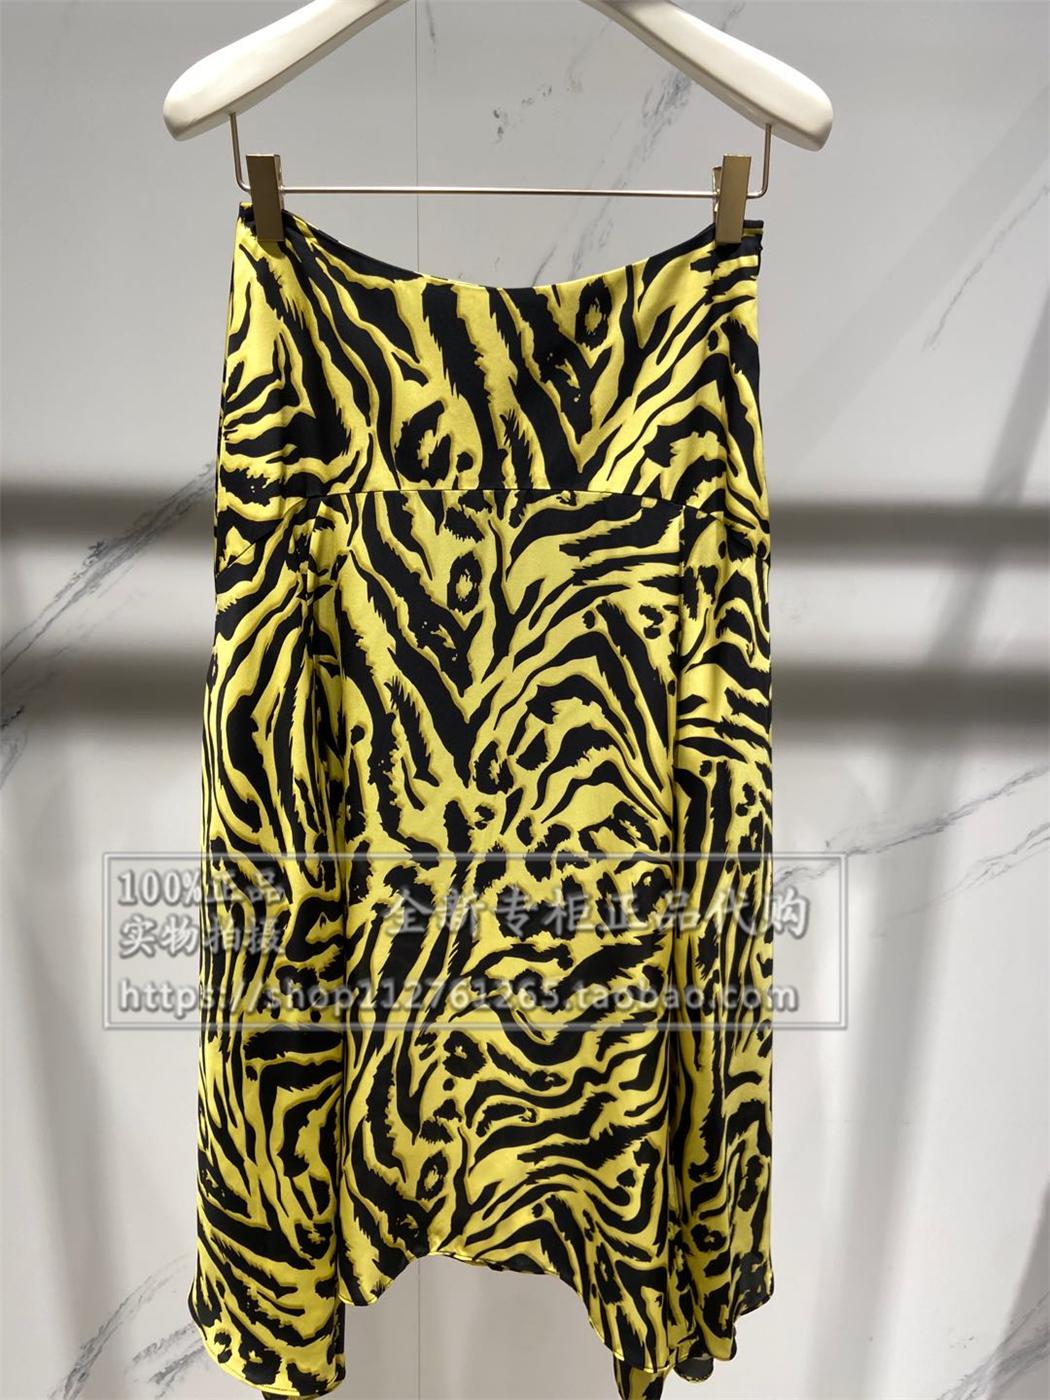 玛丝菲尔女装正品 【商场正品】玛菲专柜正品2020秋款半裙 A1AY31122 ¥3480_推荐淘宝好看的玛丝菲尔正品